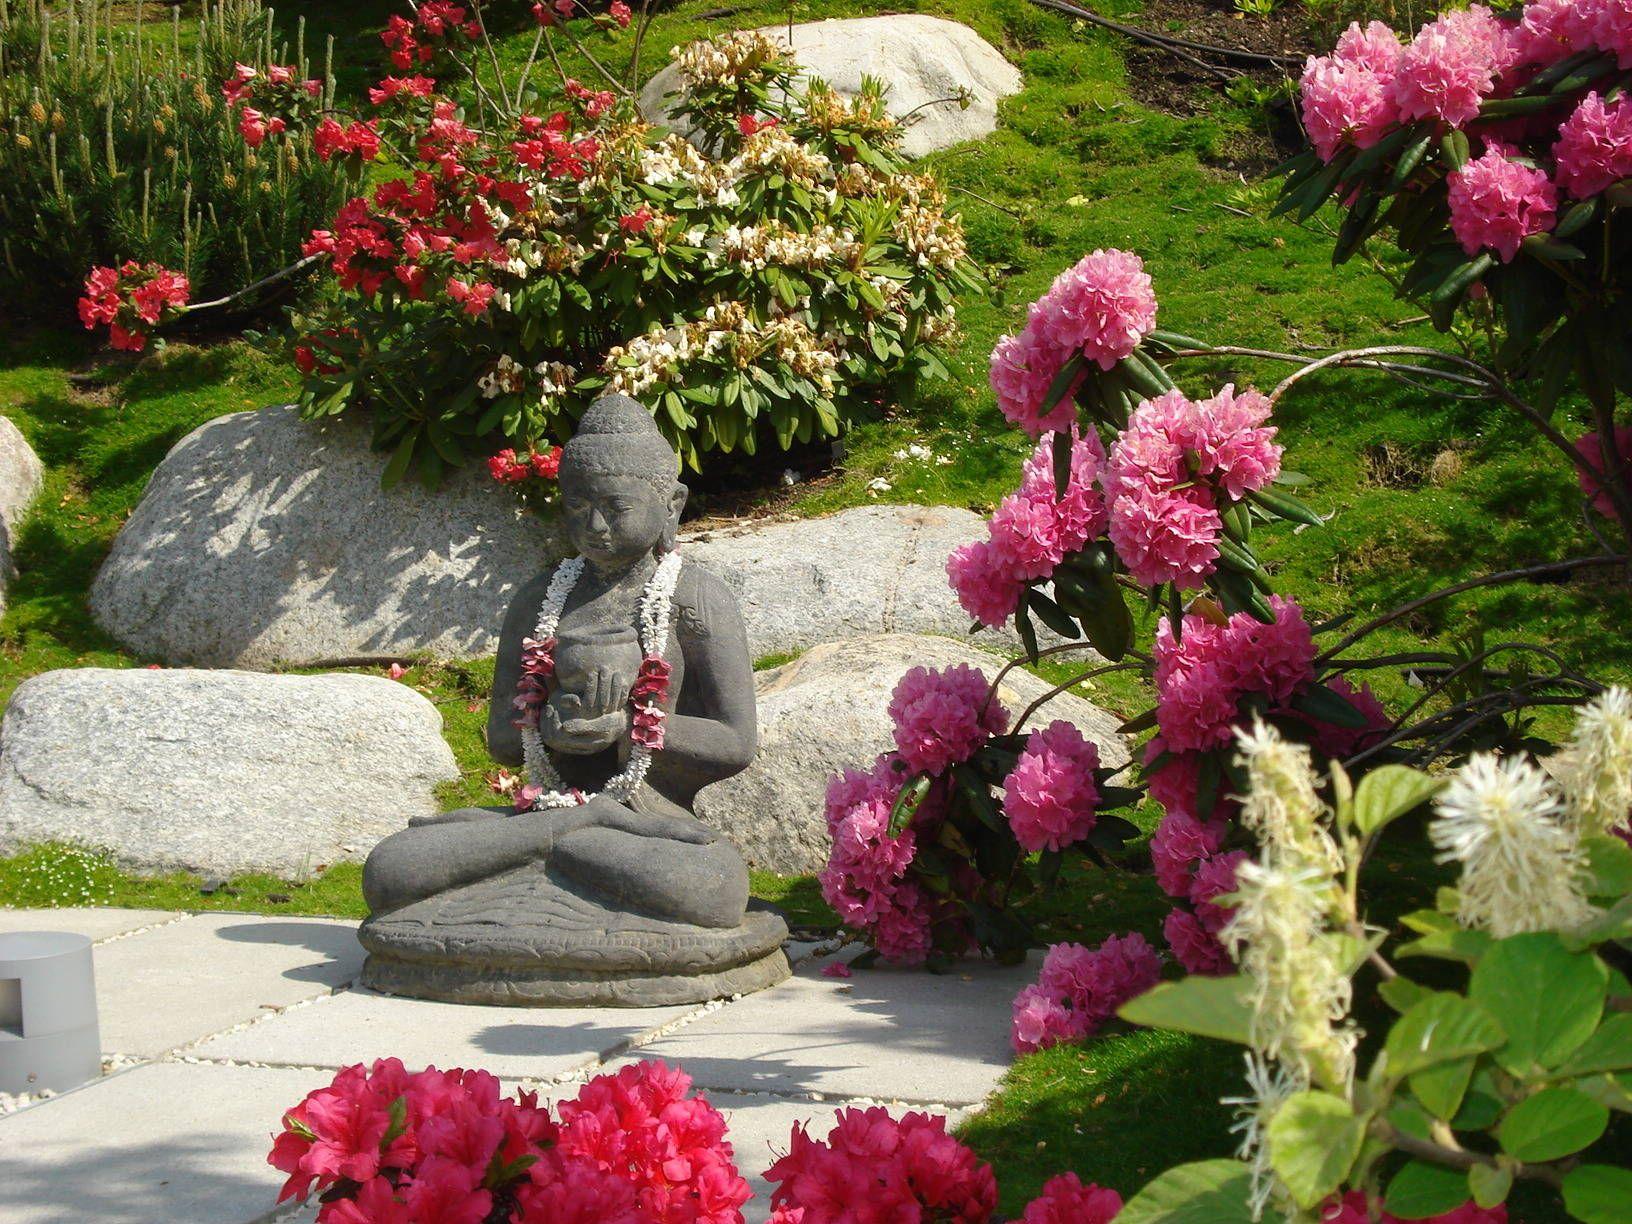 Verführerisch Homify Garten Das Beste Von Asian Garden By Dirlenbach - Mit Stil